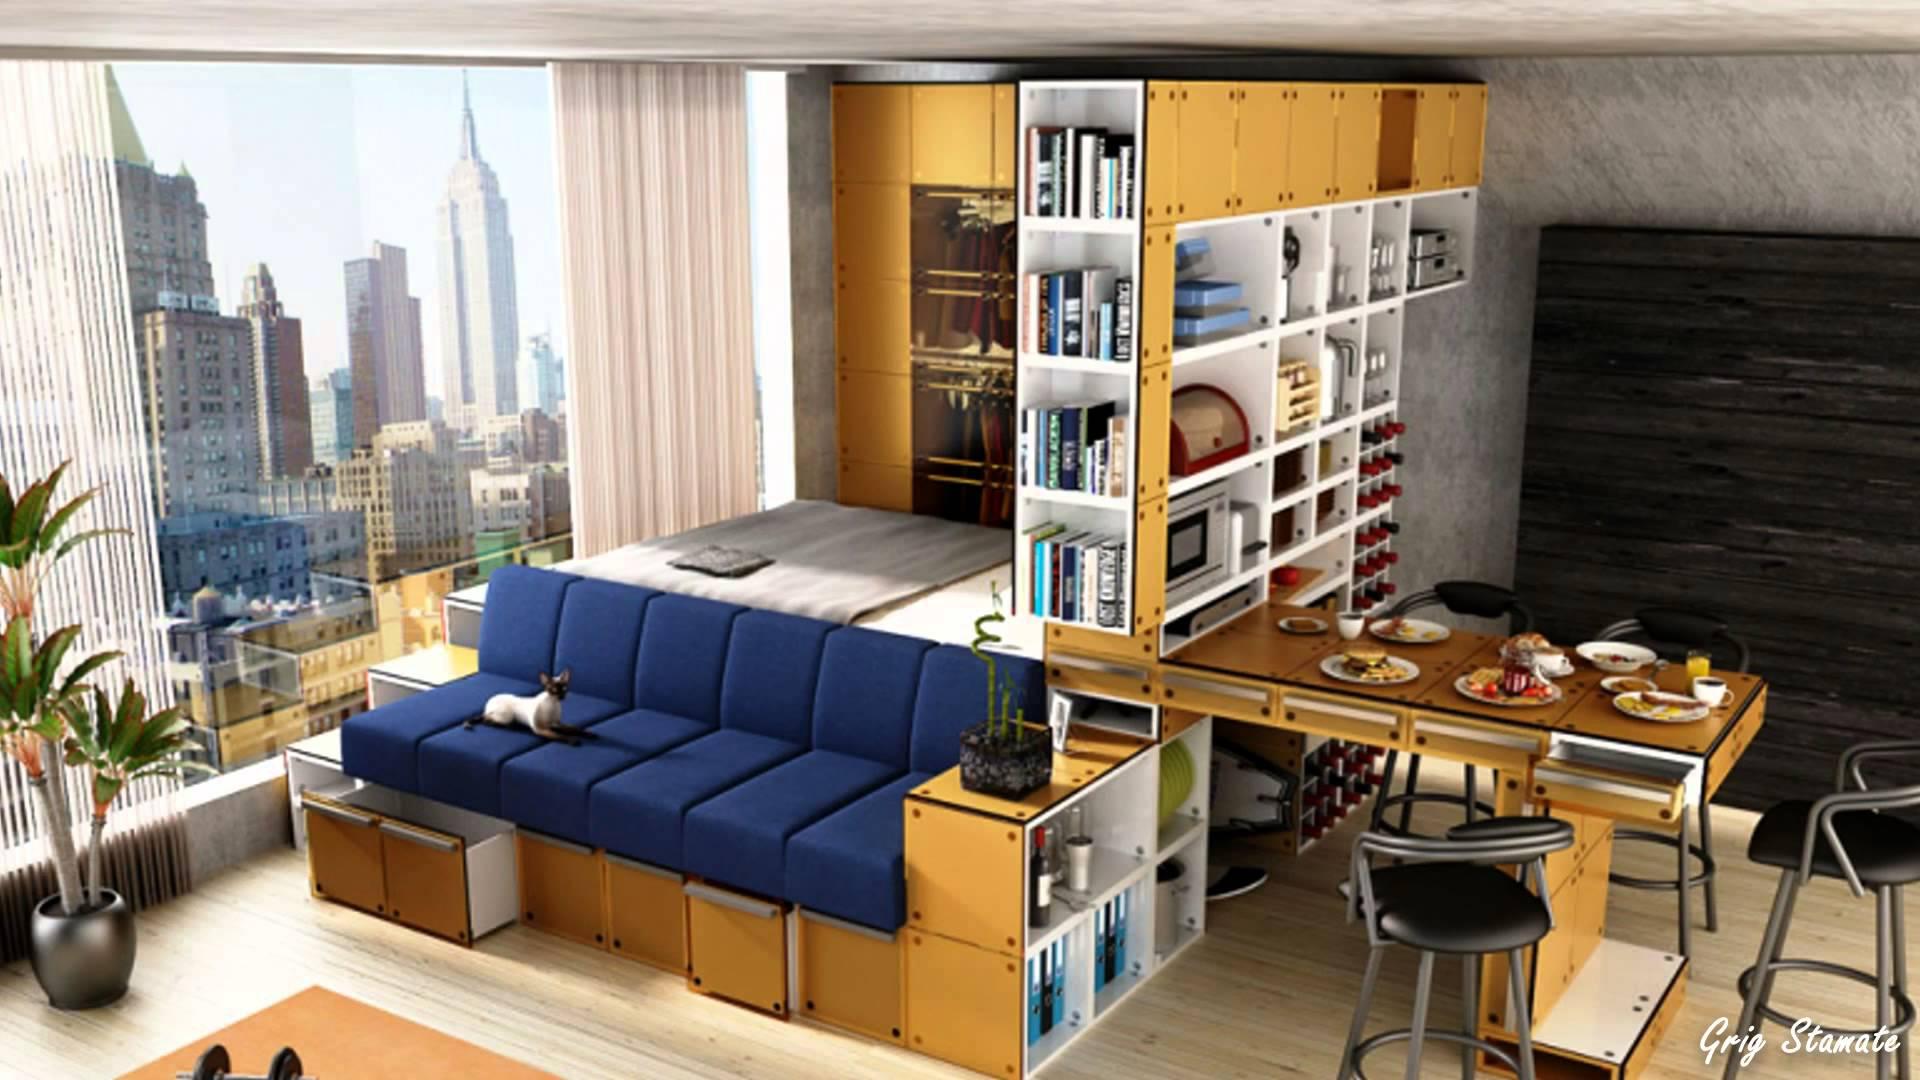 Дизайн интерьера квартиры-студии: зонирование, стили, мебель.